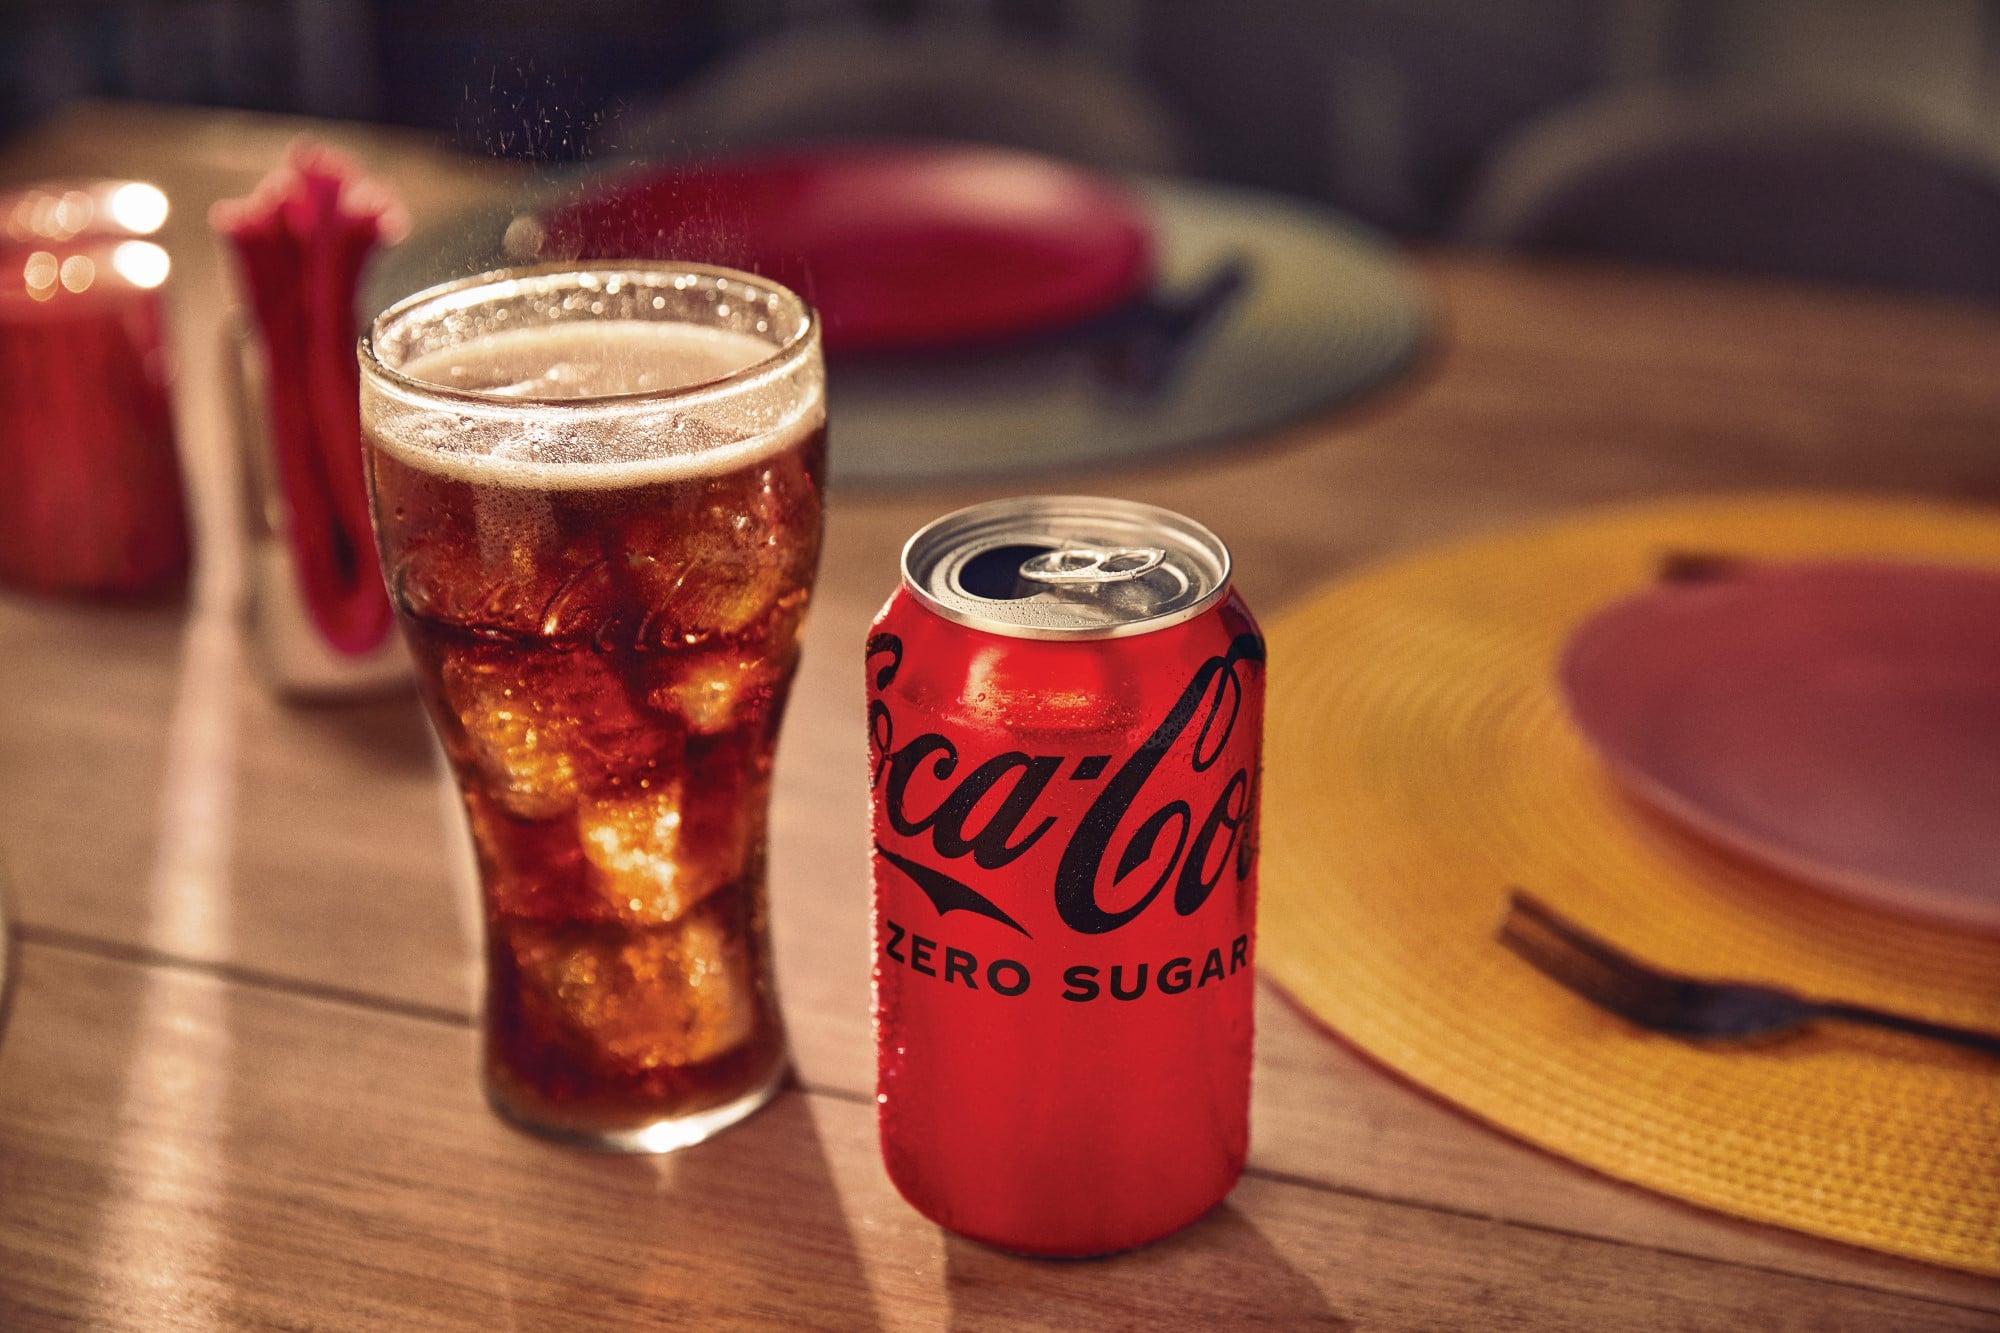 Coca-Cola Zero Sugar debuts a new taste and look 18